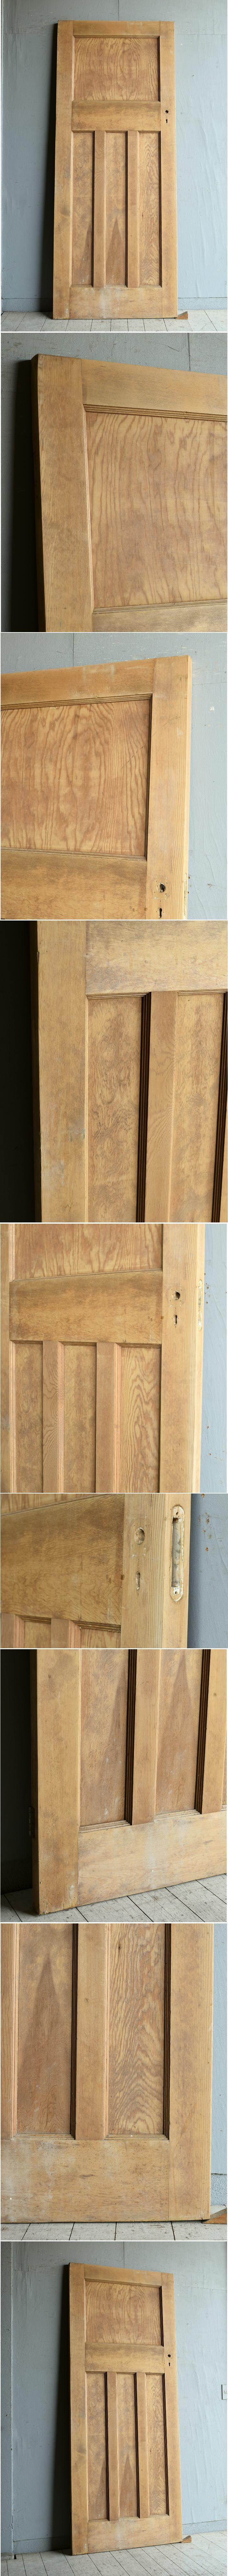 イギリス アンティーク オールドパイン ドア 扉 8308